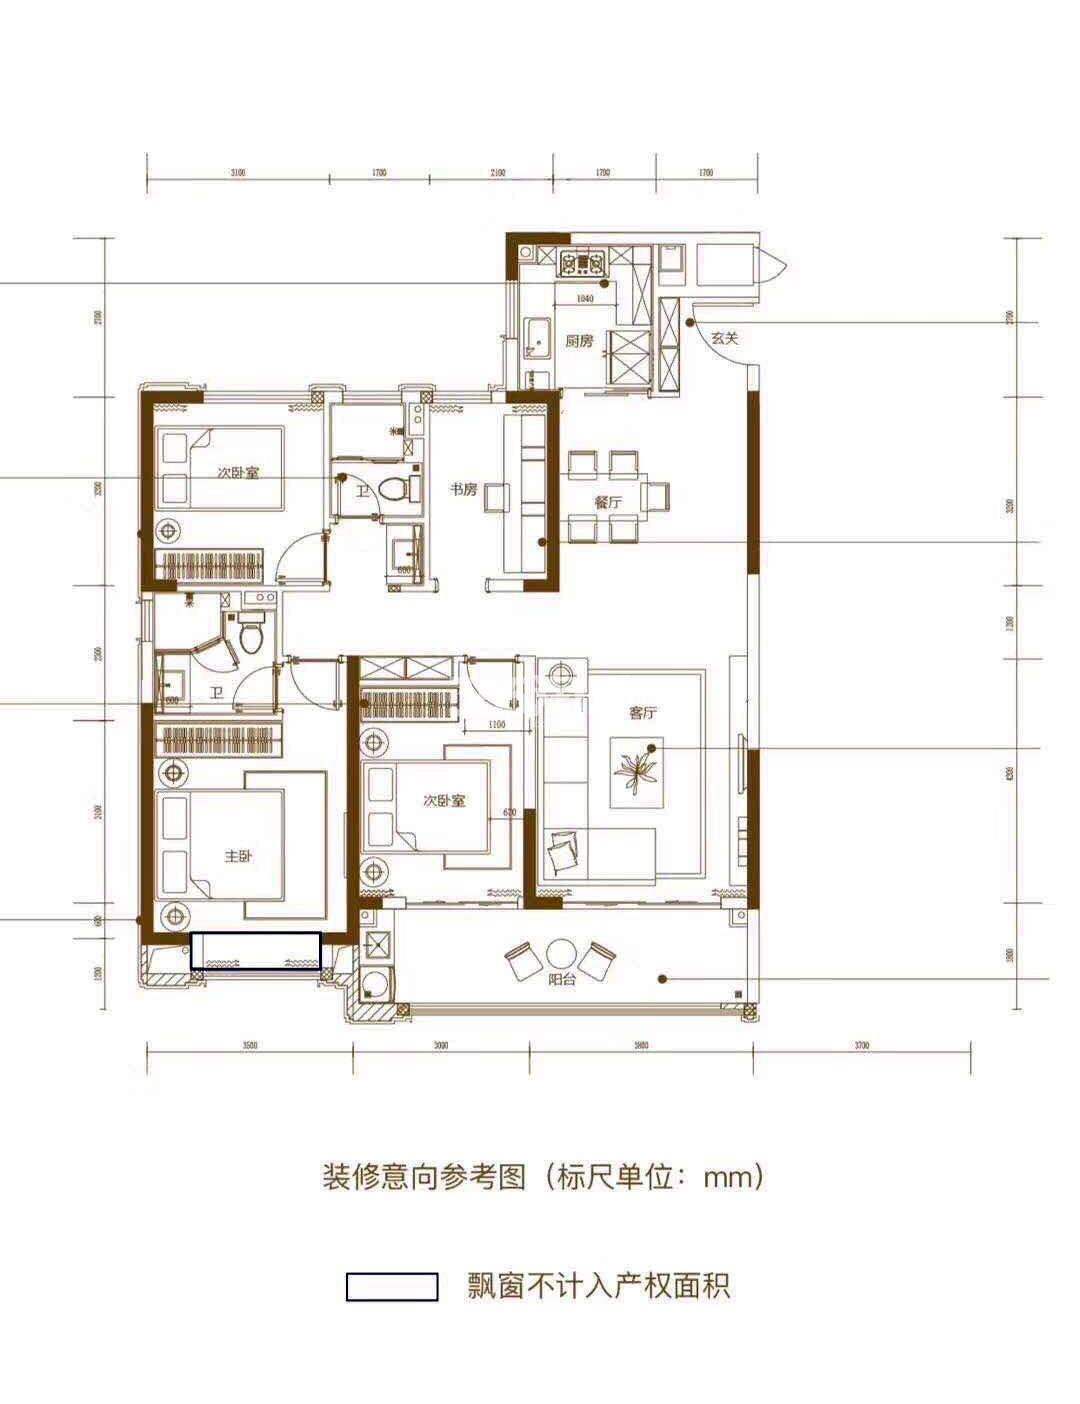 禹洲绿城蘭园高层138㎡户型图